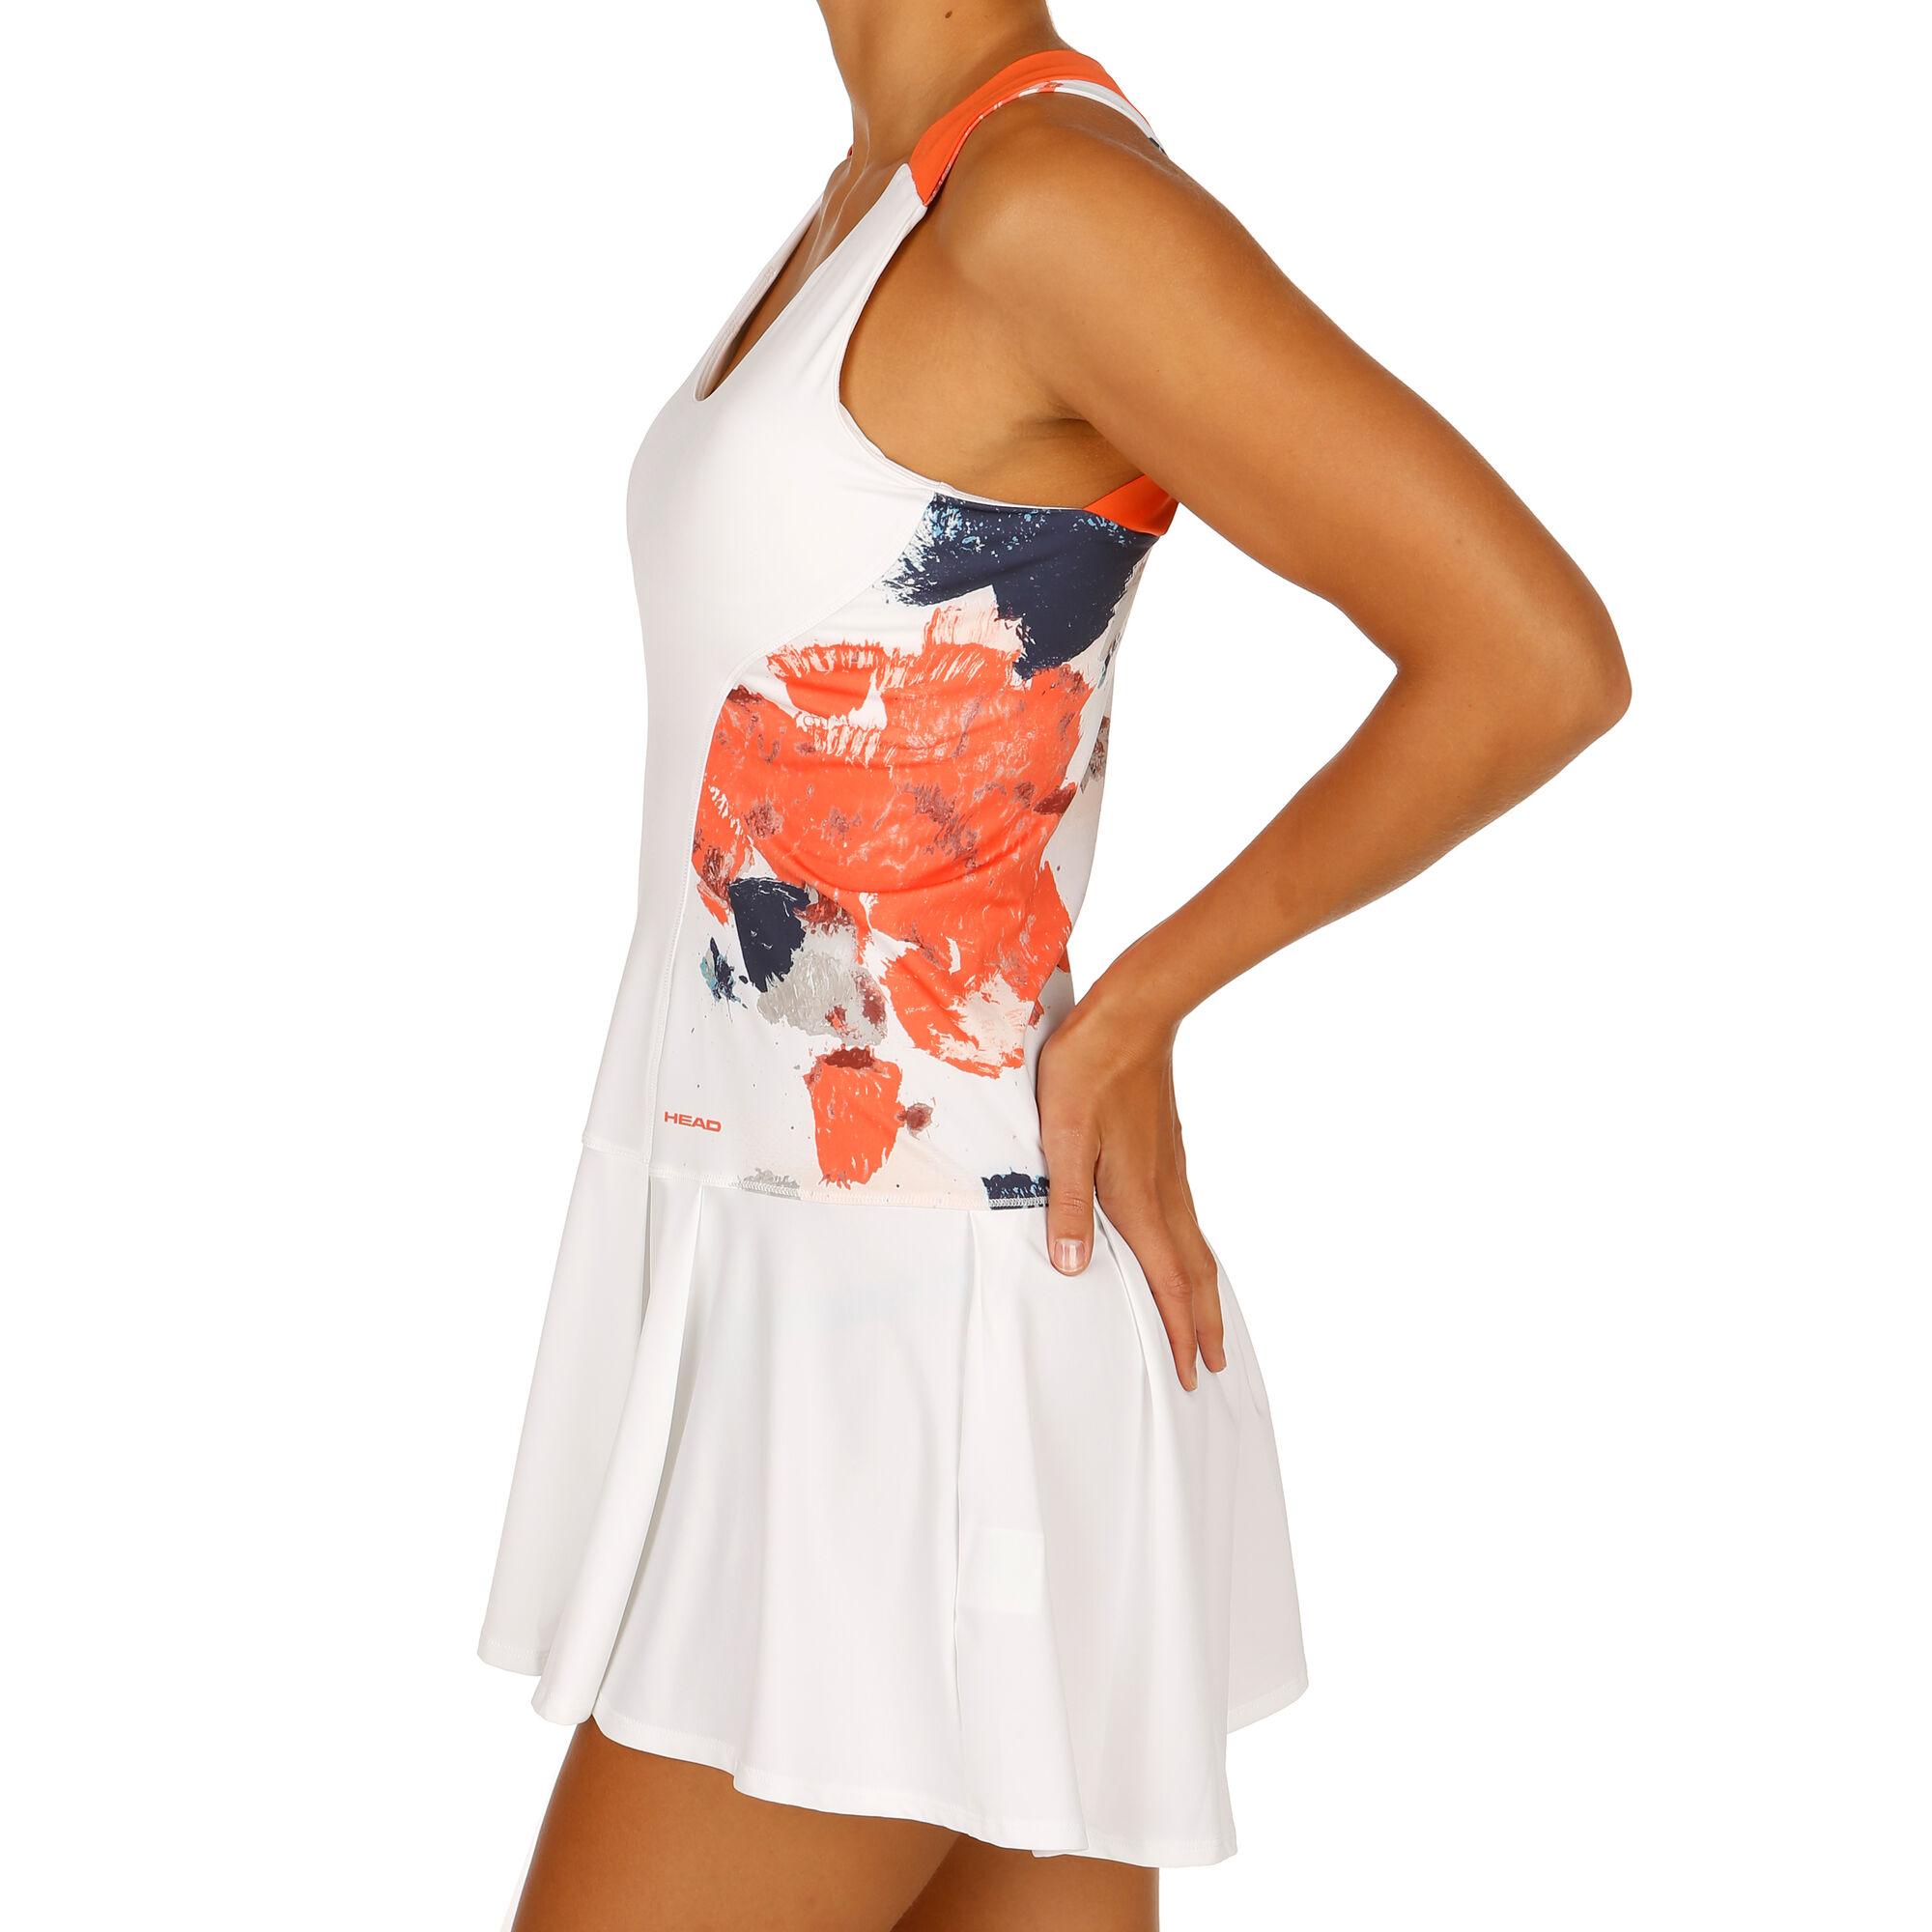 HEAD Vision Graphic Kleid Damen - Weiß, Koralle online ...